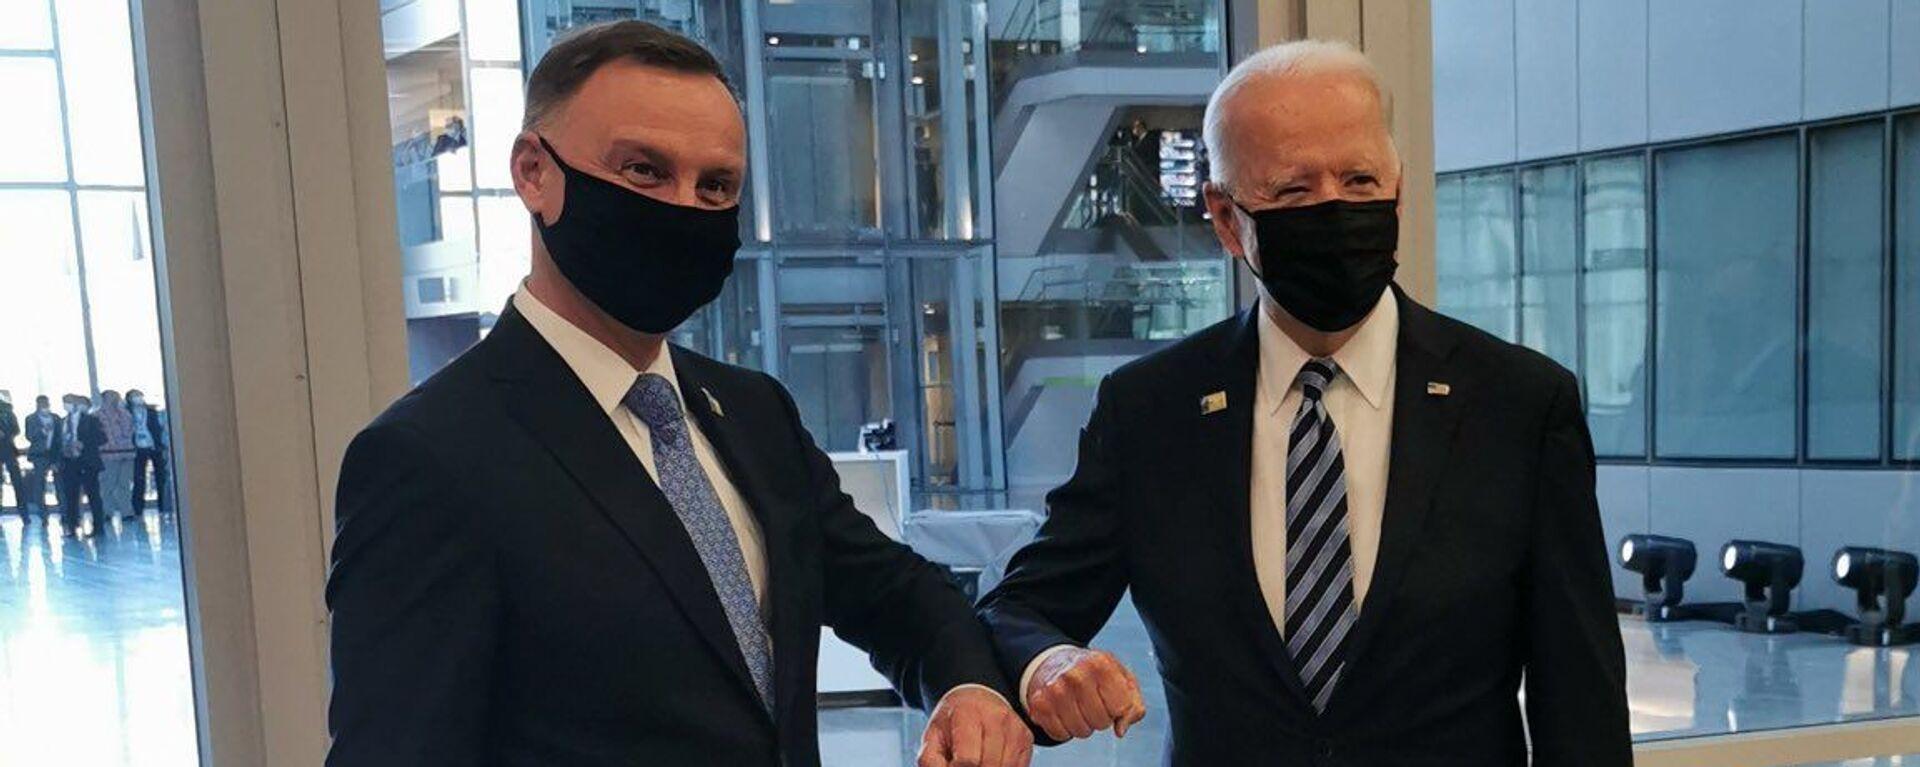 Andrzej Duda i Joe Biden - Sputnik Polska, 1920, 31.07.2021